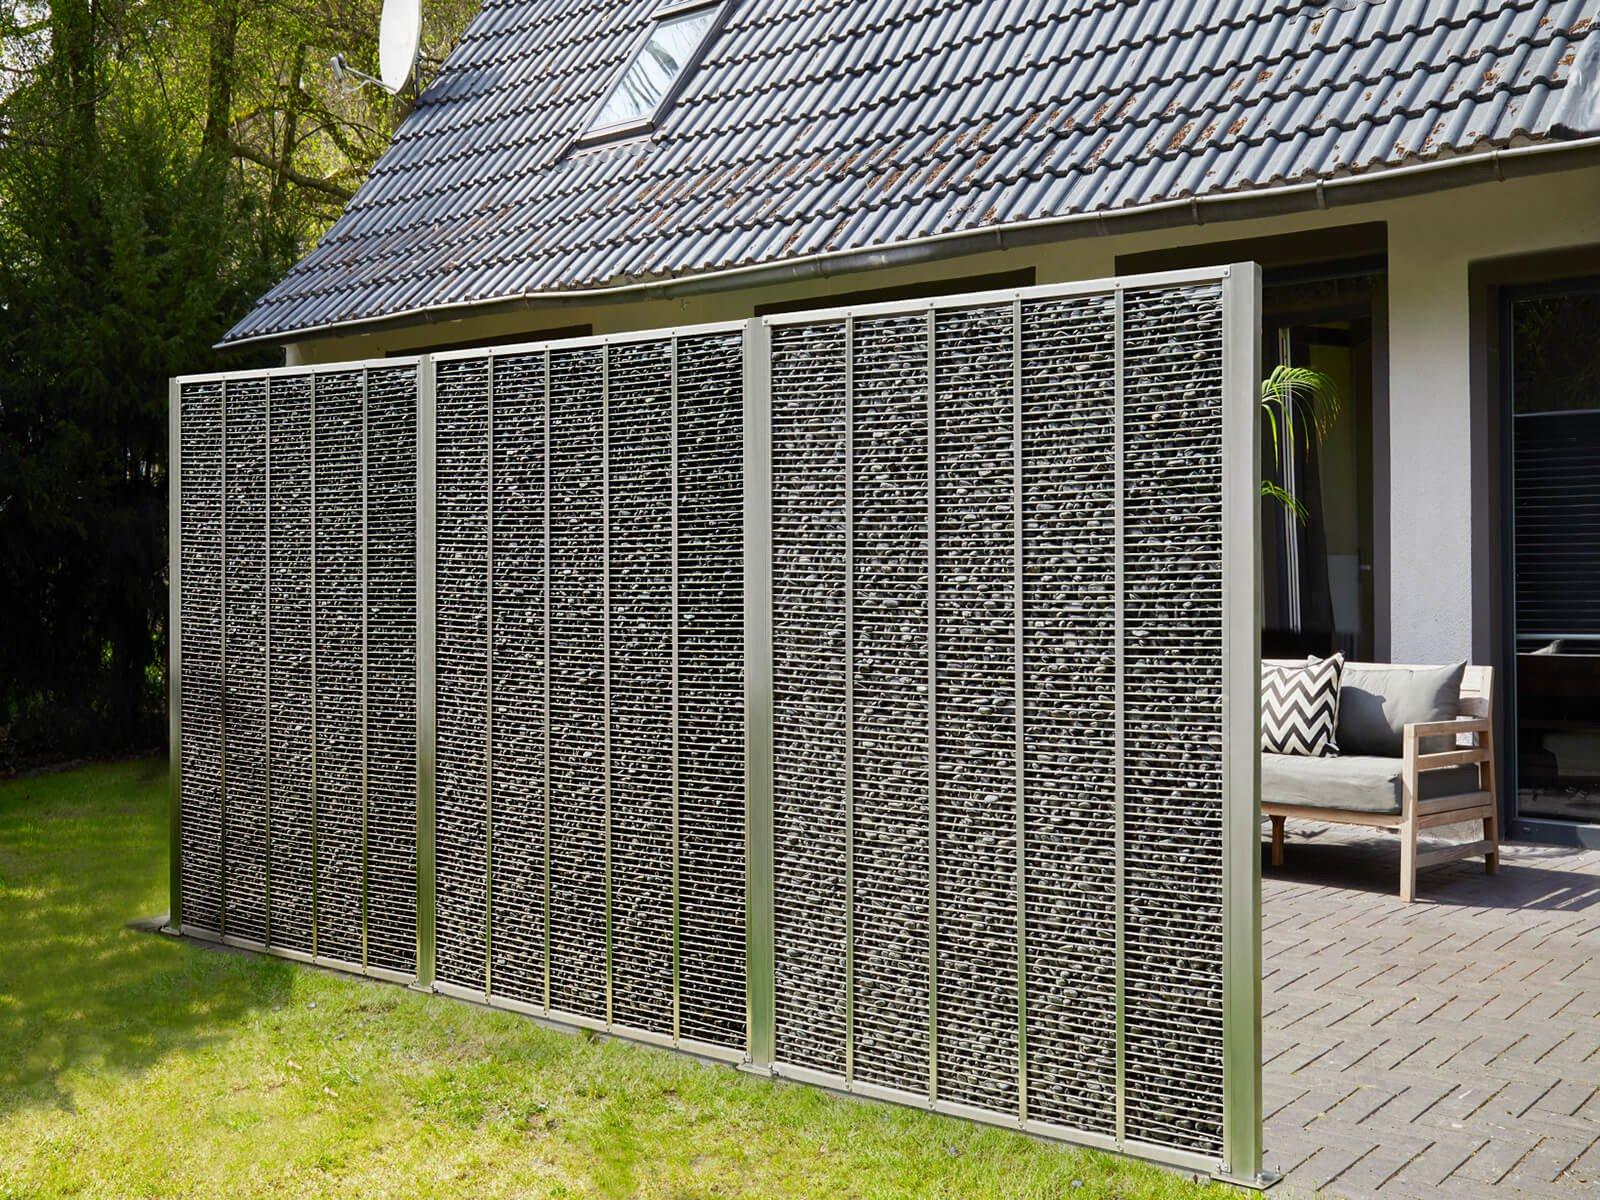 Gabionezaun mit Steinen Abgrenzung für Terrasse und Garten individiduelle Grössen und Ausführungen